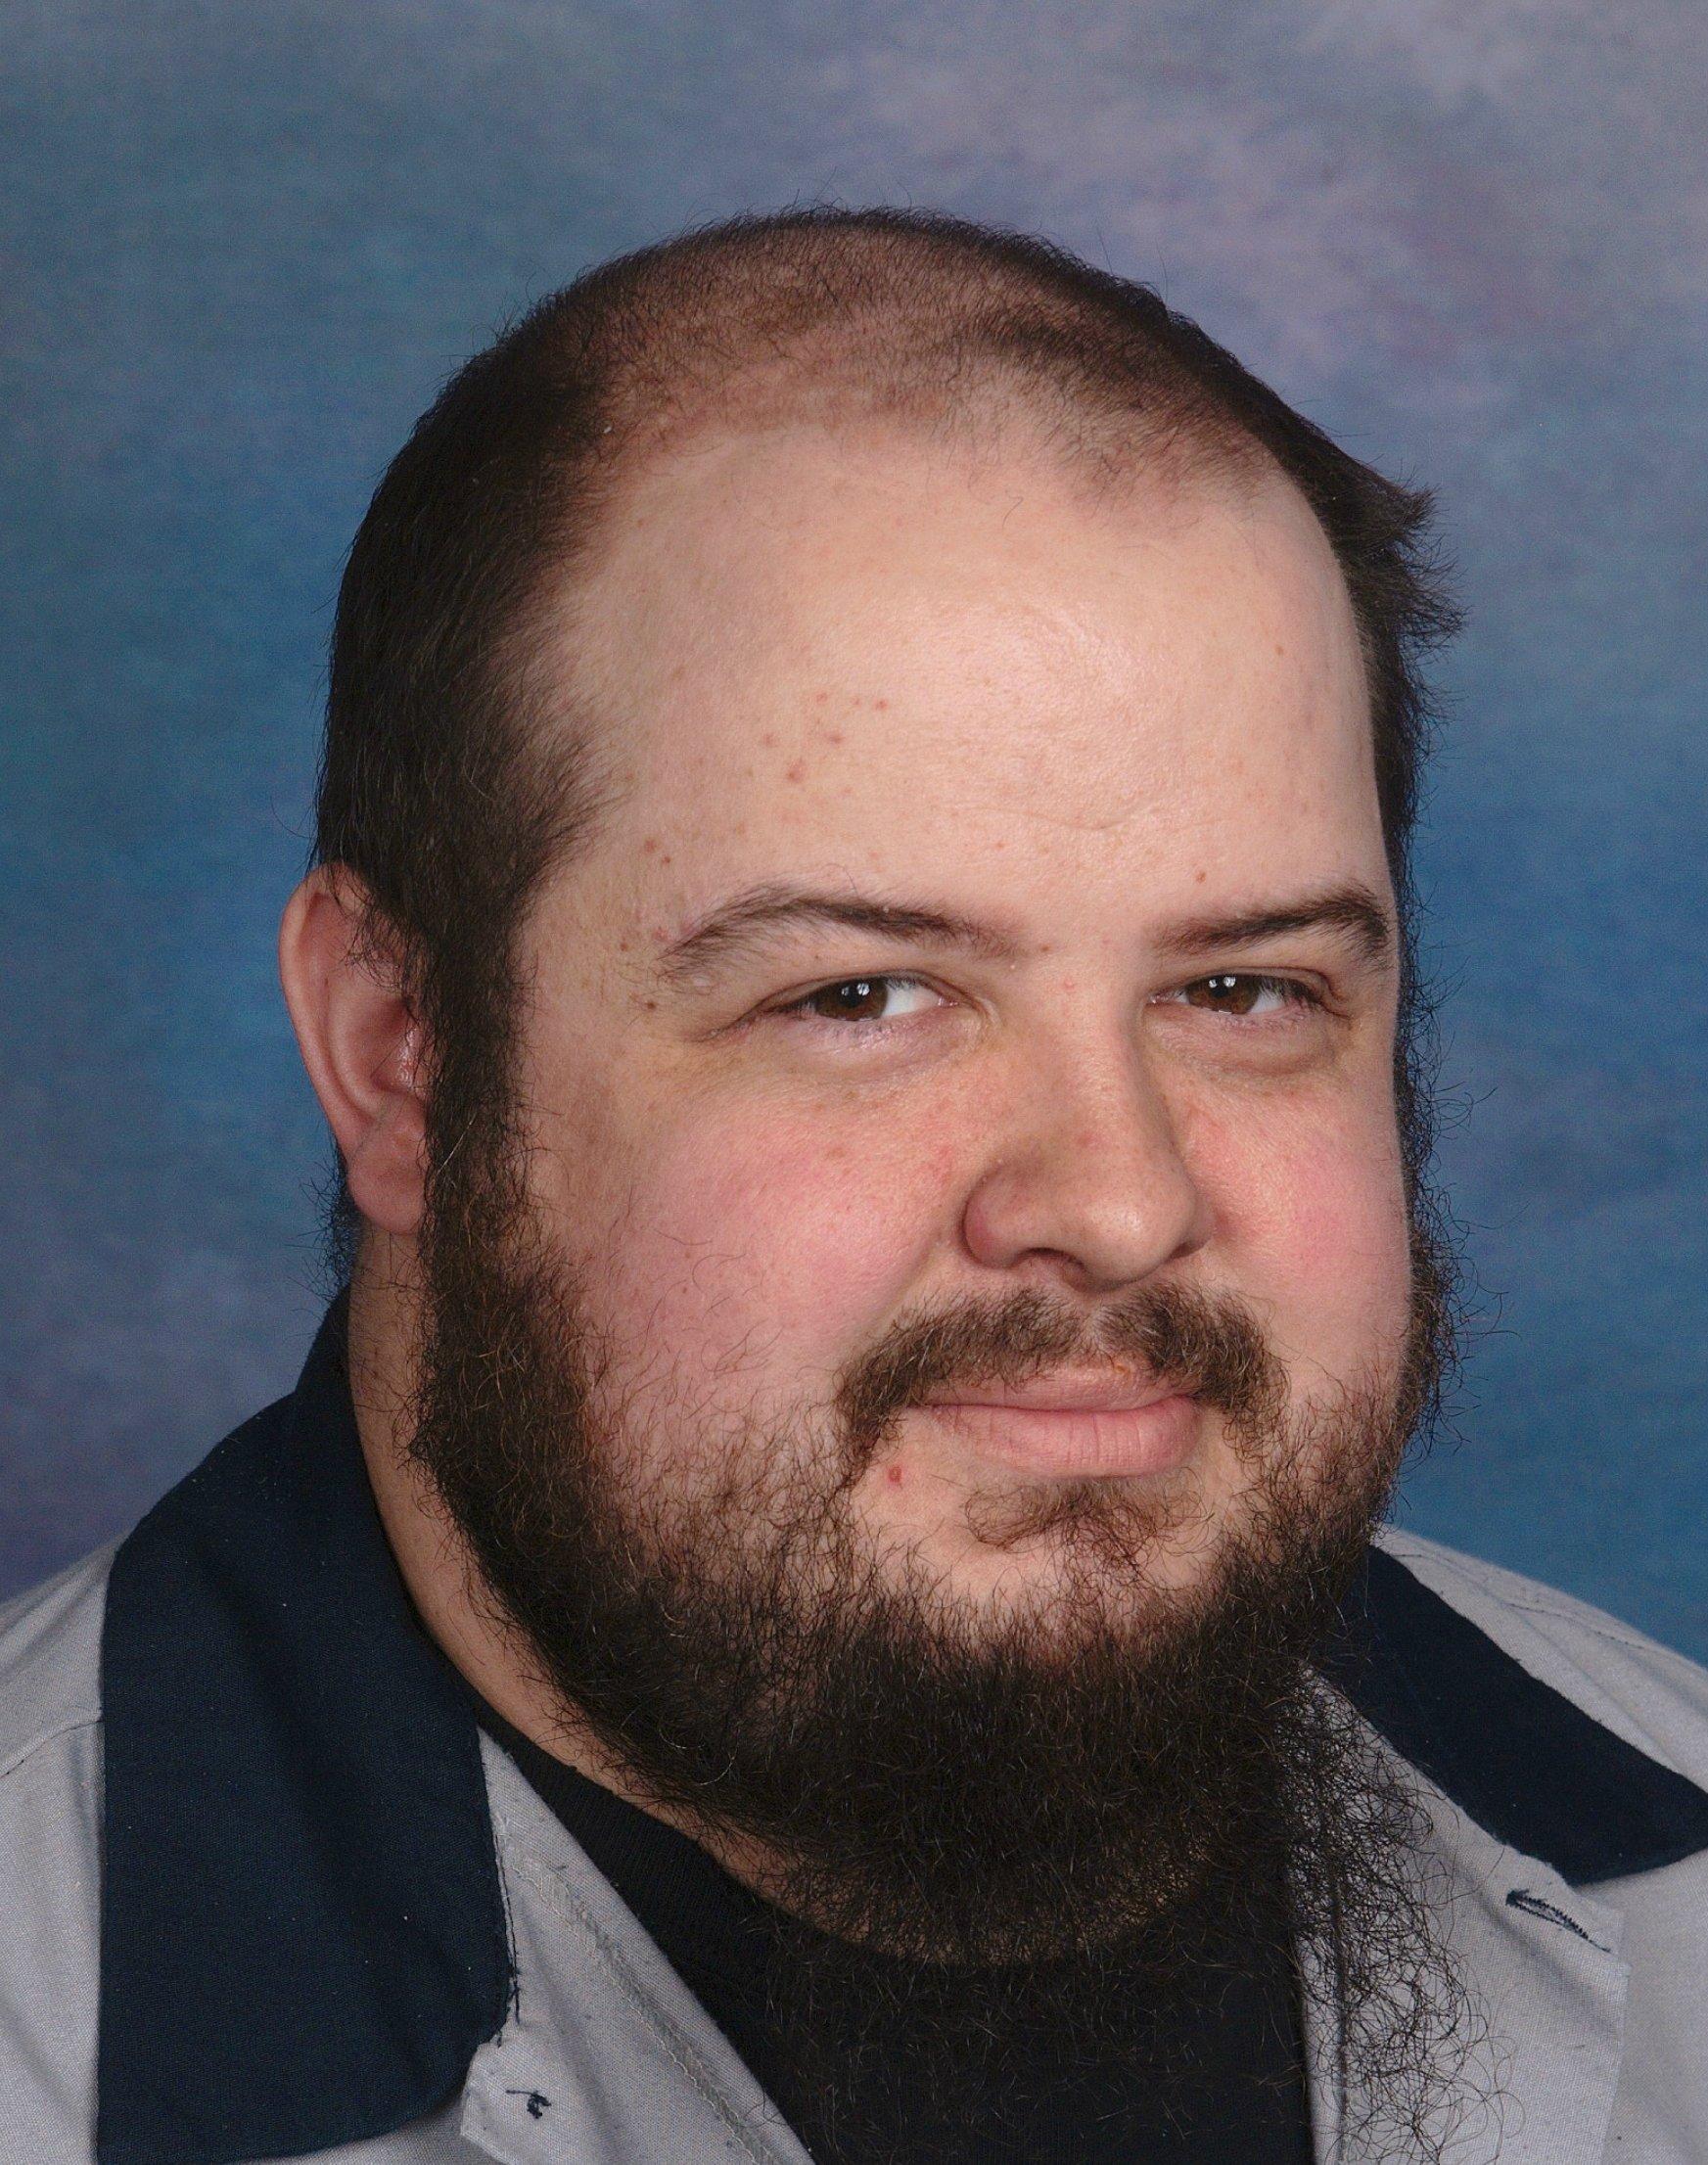 Dustin Long - Service Technician